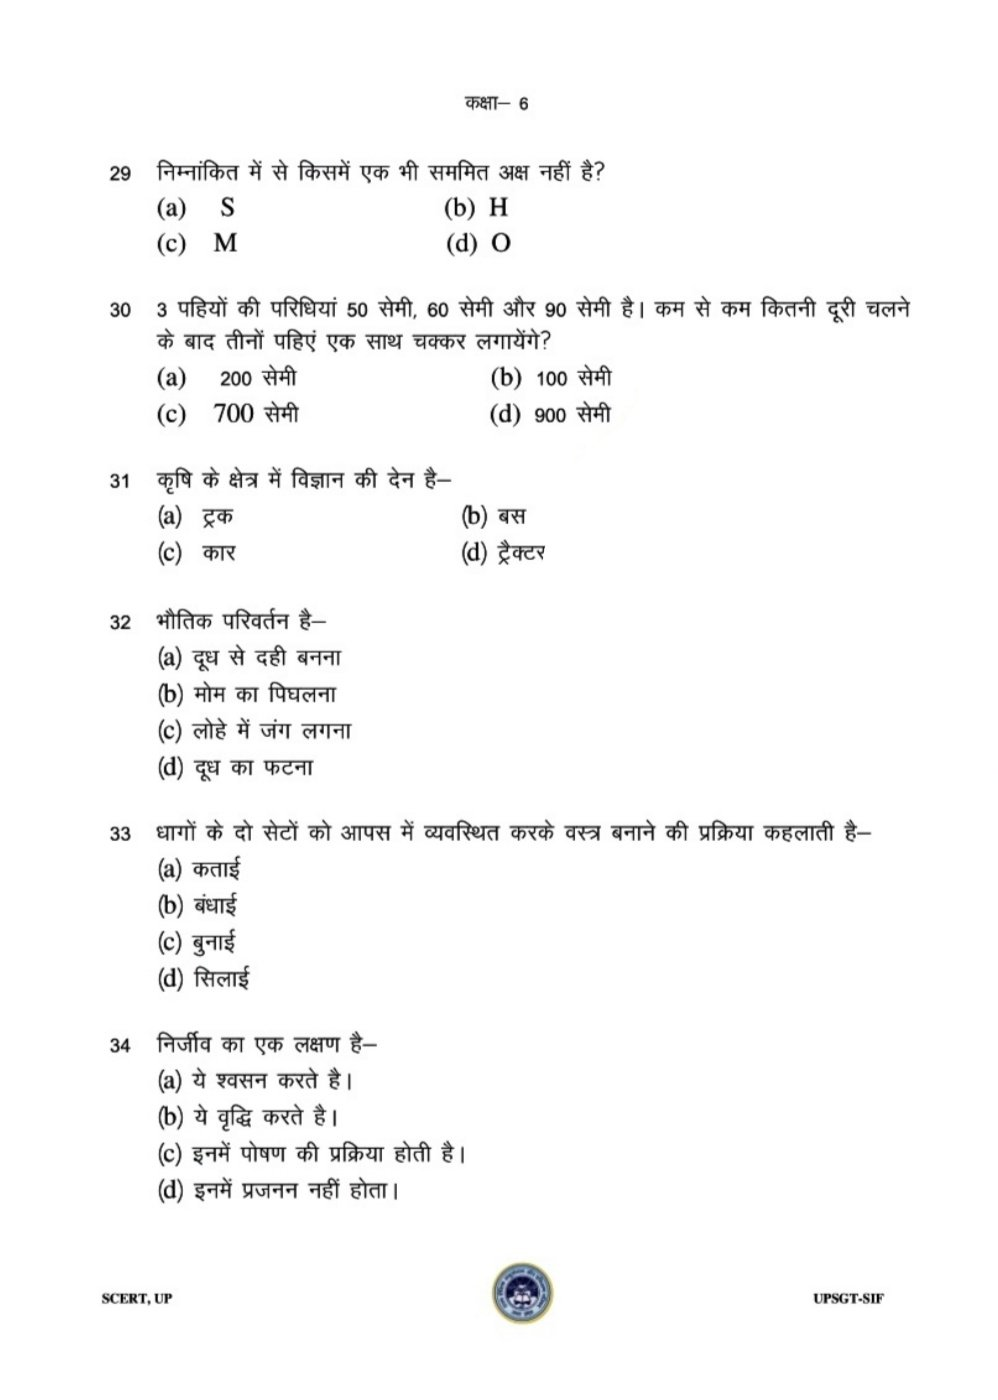 कक्षा 6 के प्रश्न पत्र का प्रारूप यहां से करें डाउनलोड -6